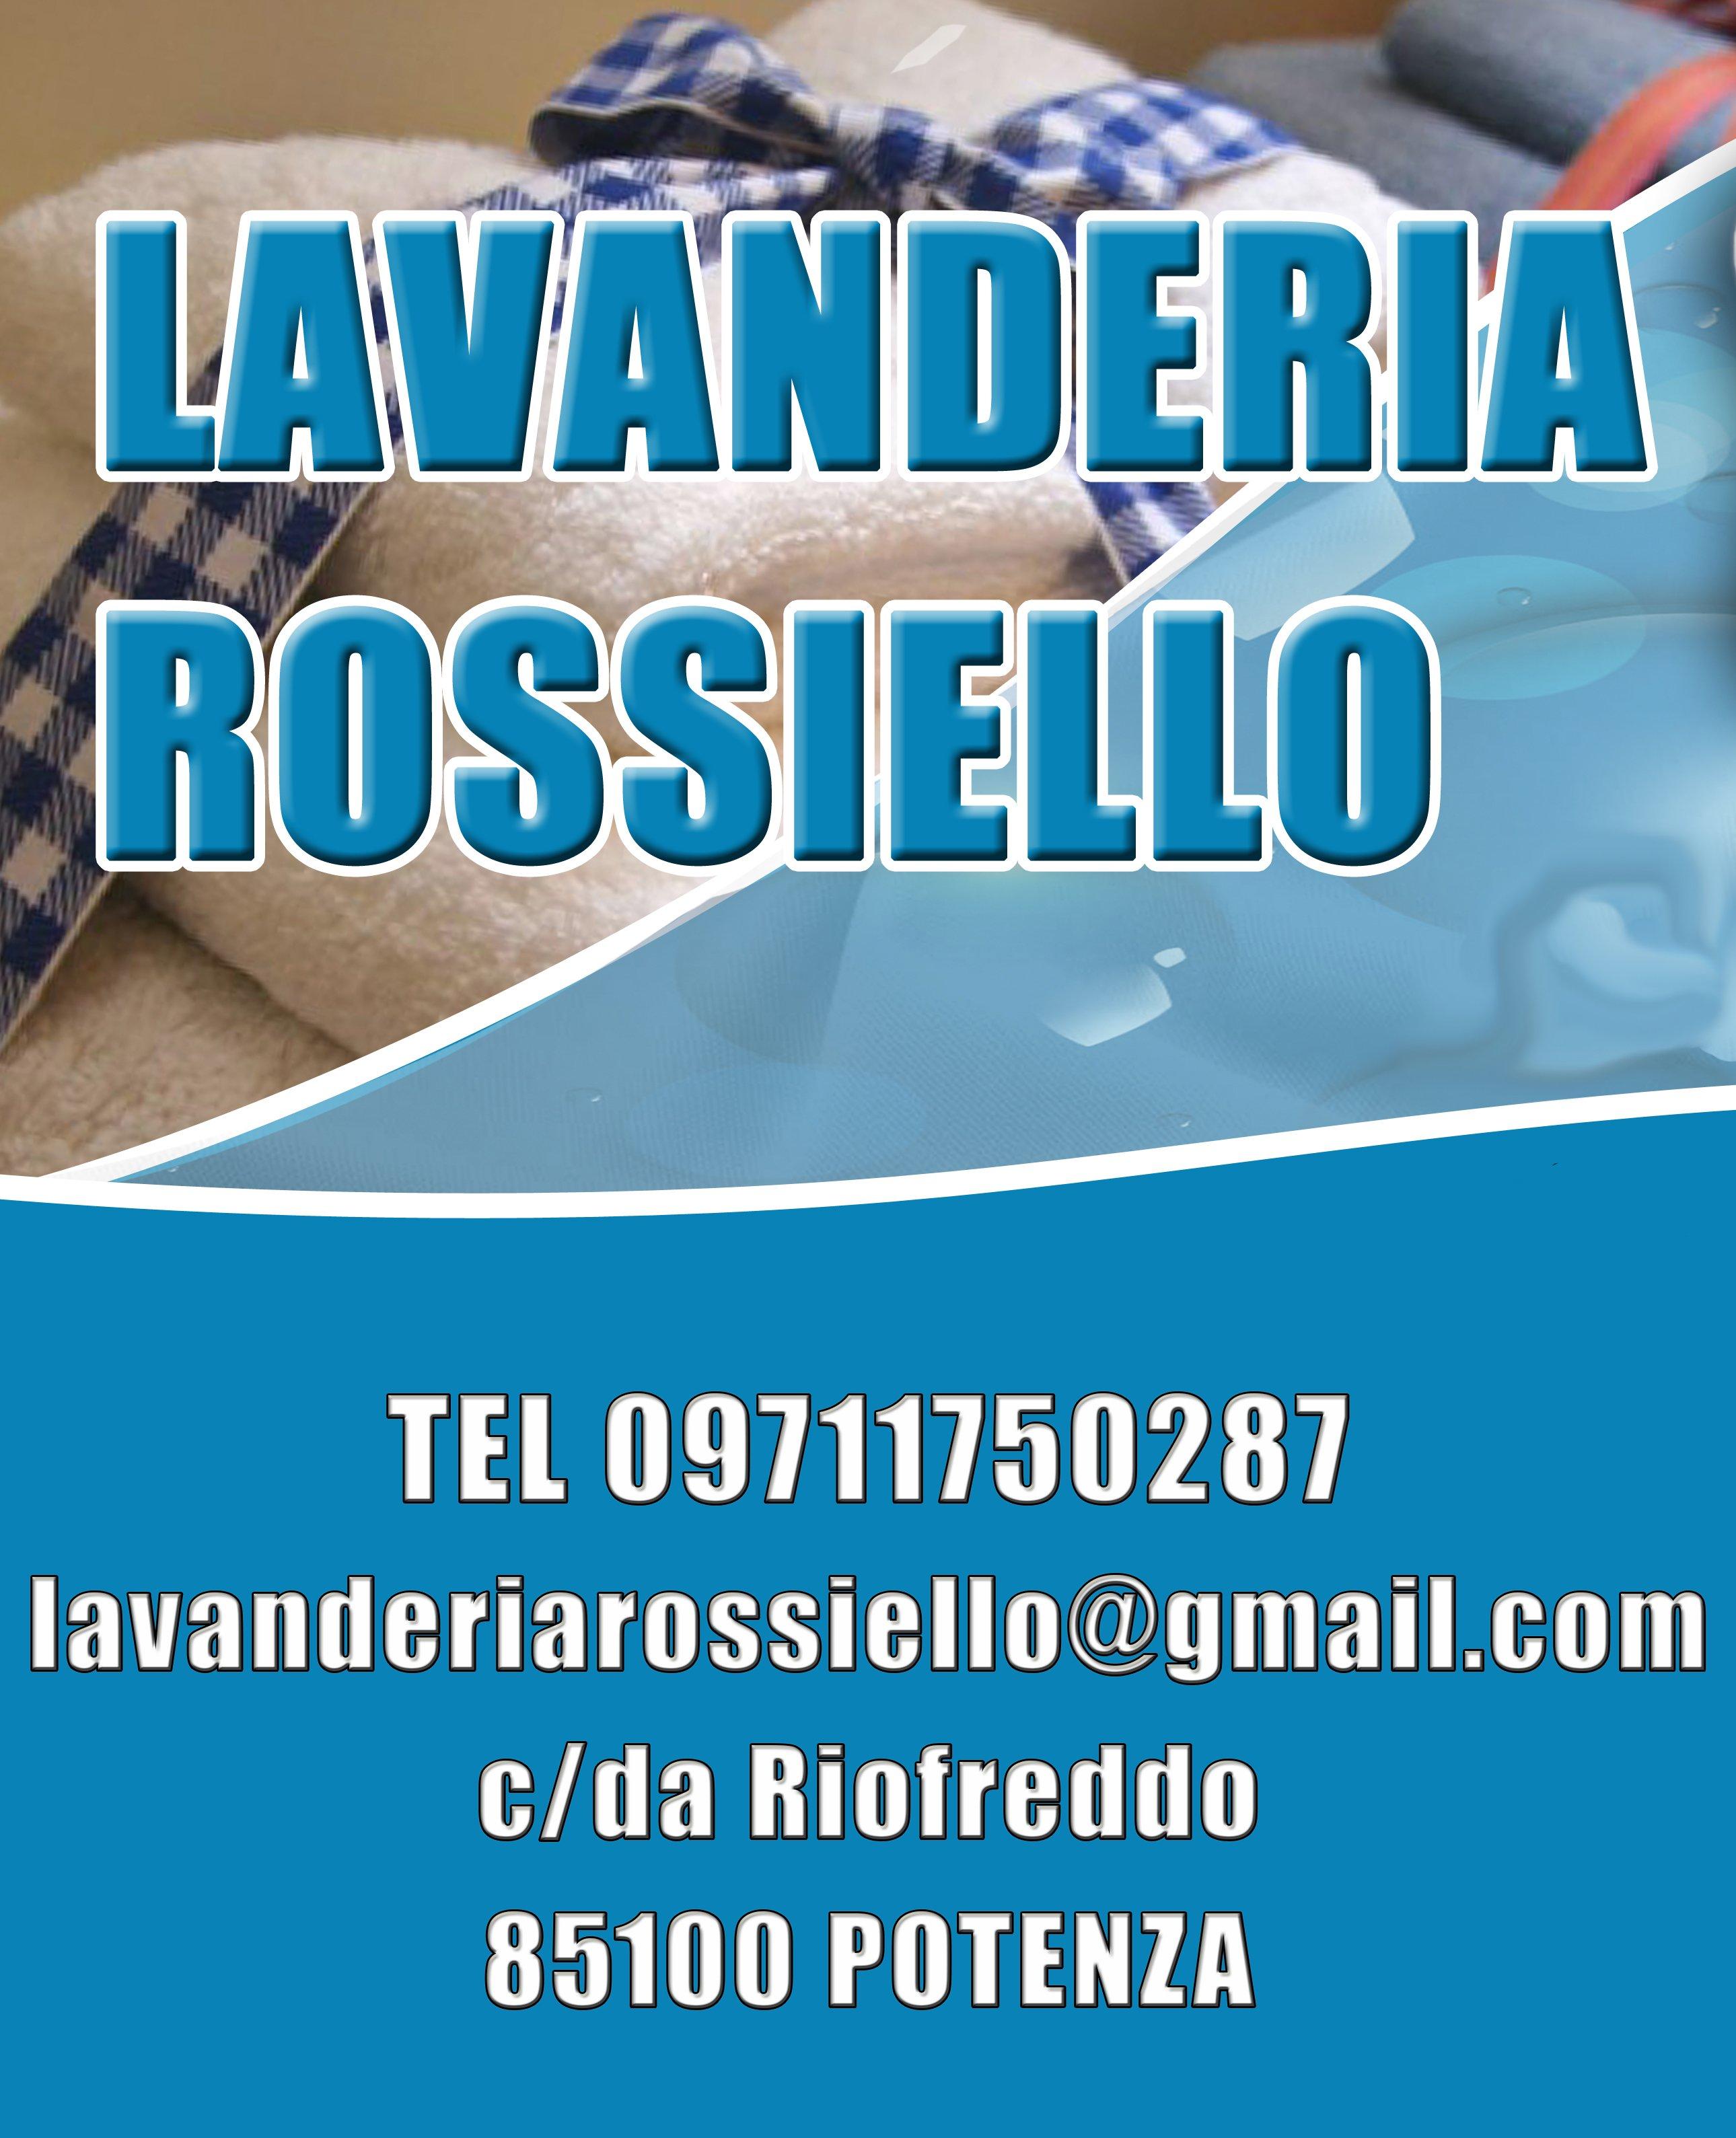 LAVANDERIA ROSSIELLO - LOGO